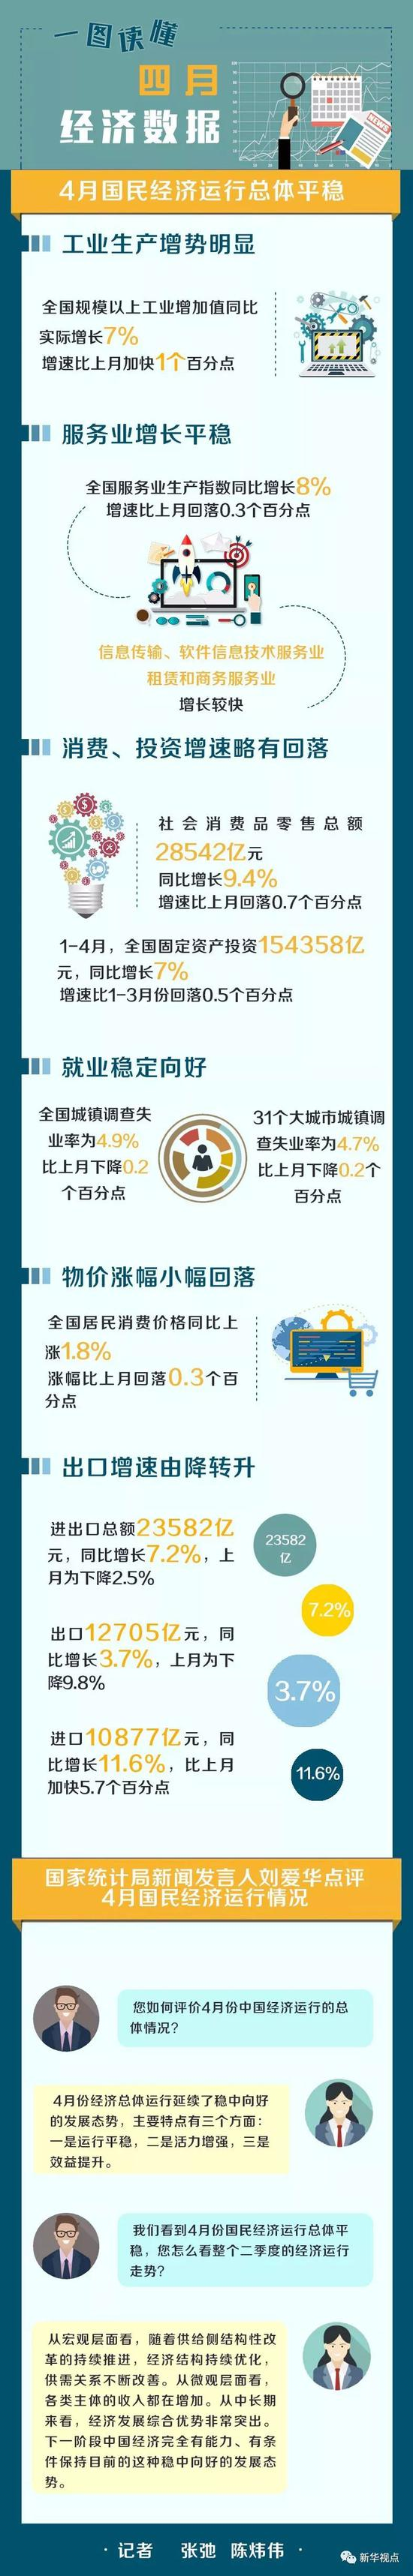 二季度中国经济开局平稳 国家统计局15日发布的数据显示